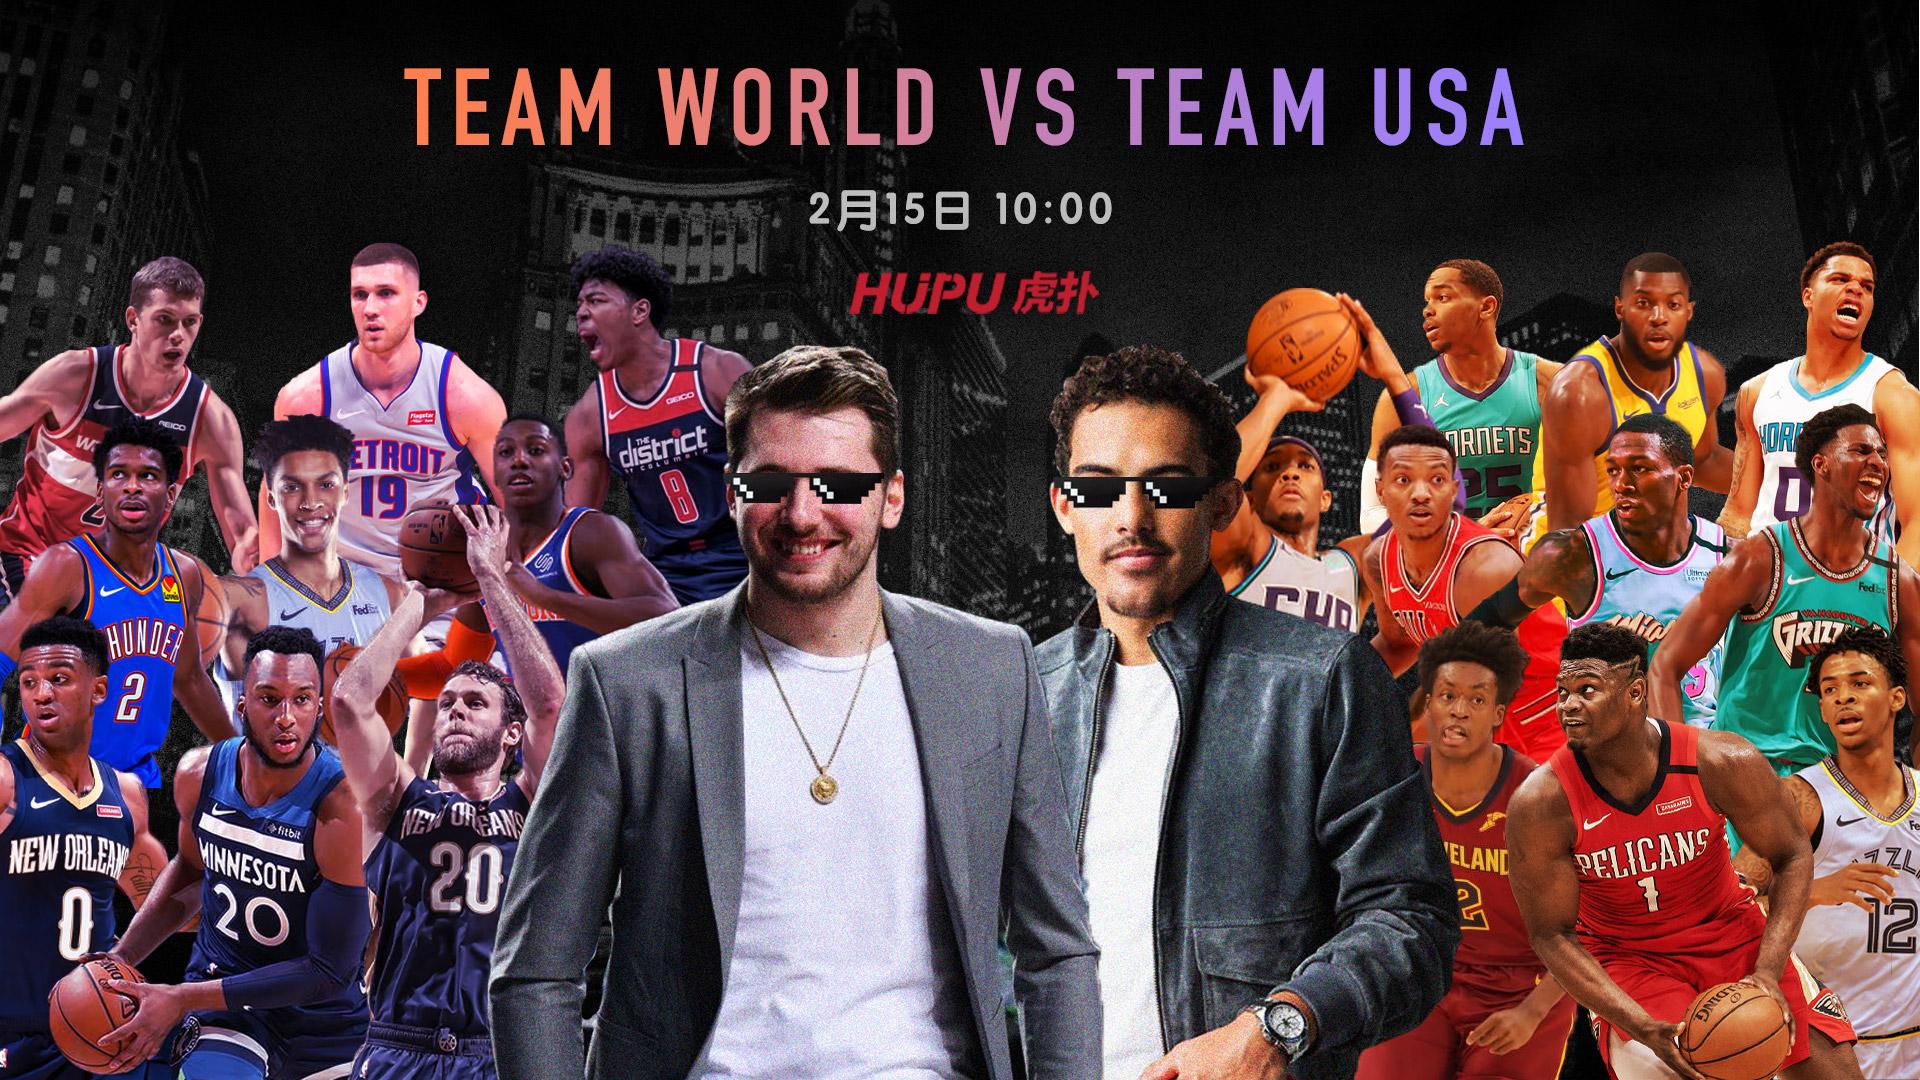 新秀赛!东契奇带领的世界队还是特雷-杨领衔的美国队?